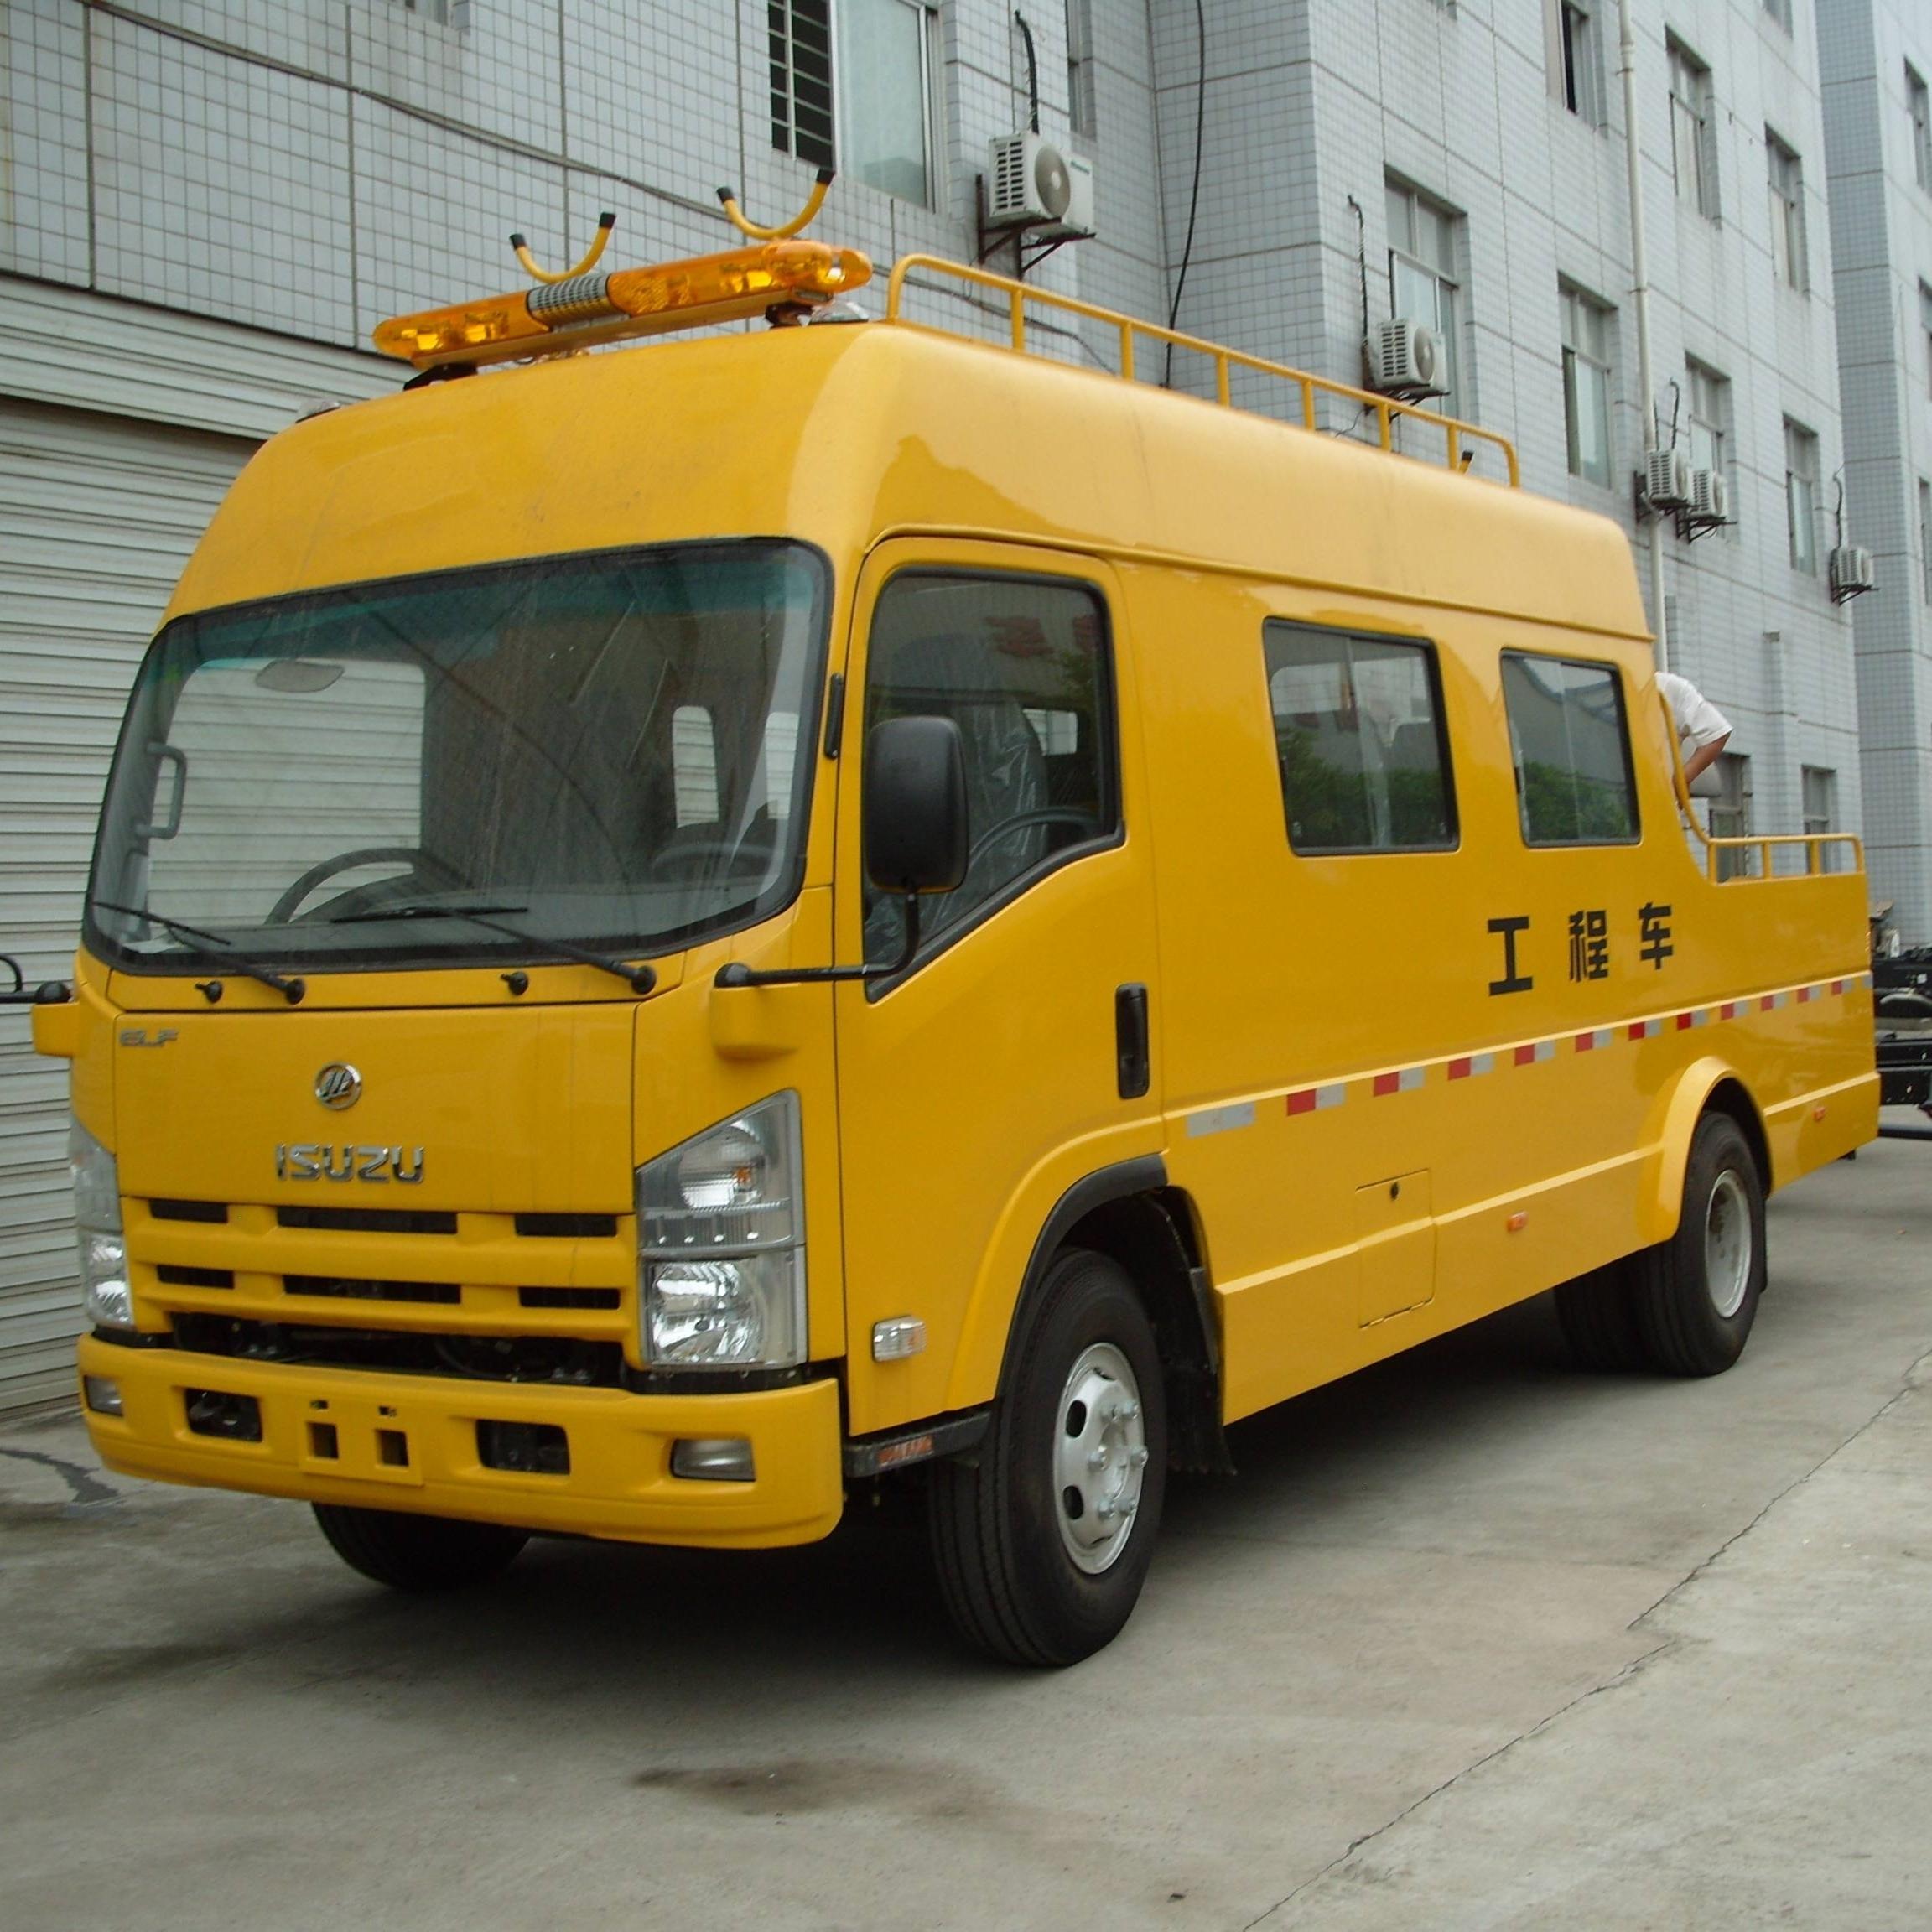 上海承装五级资质设备购买